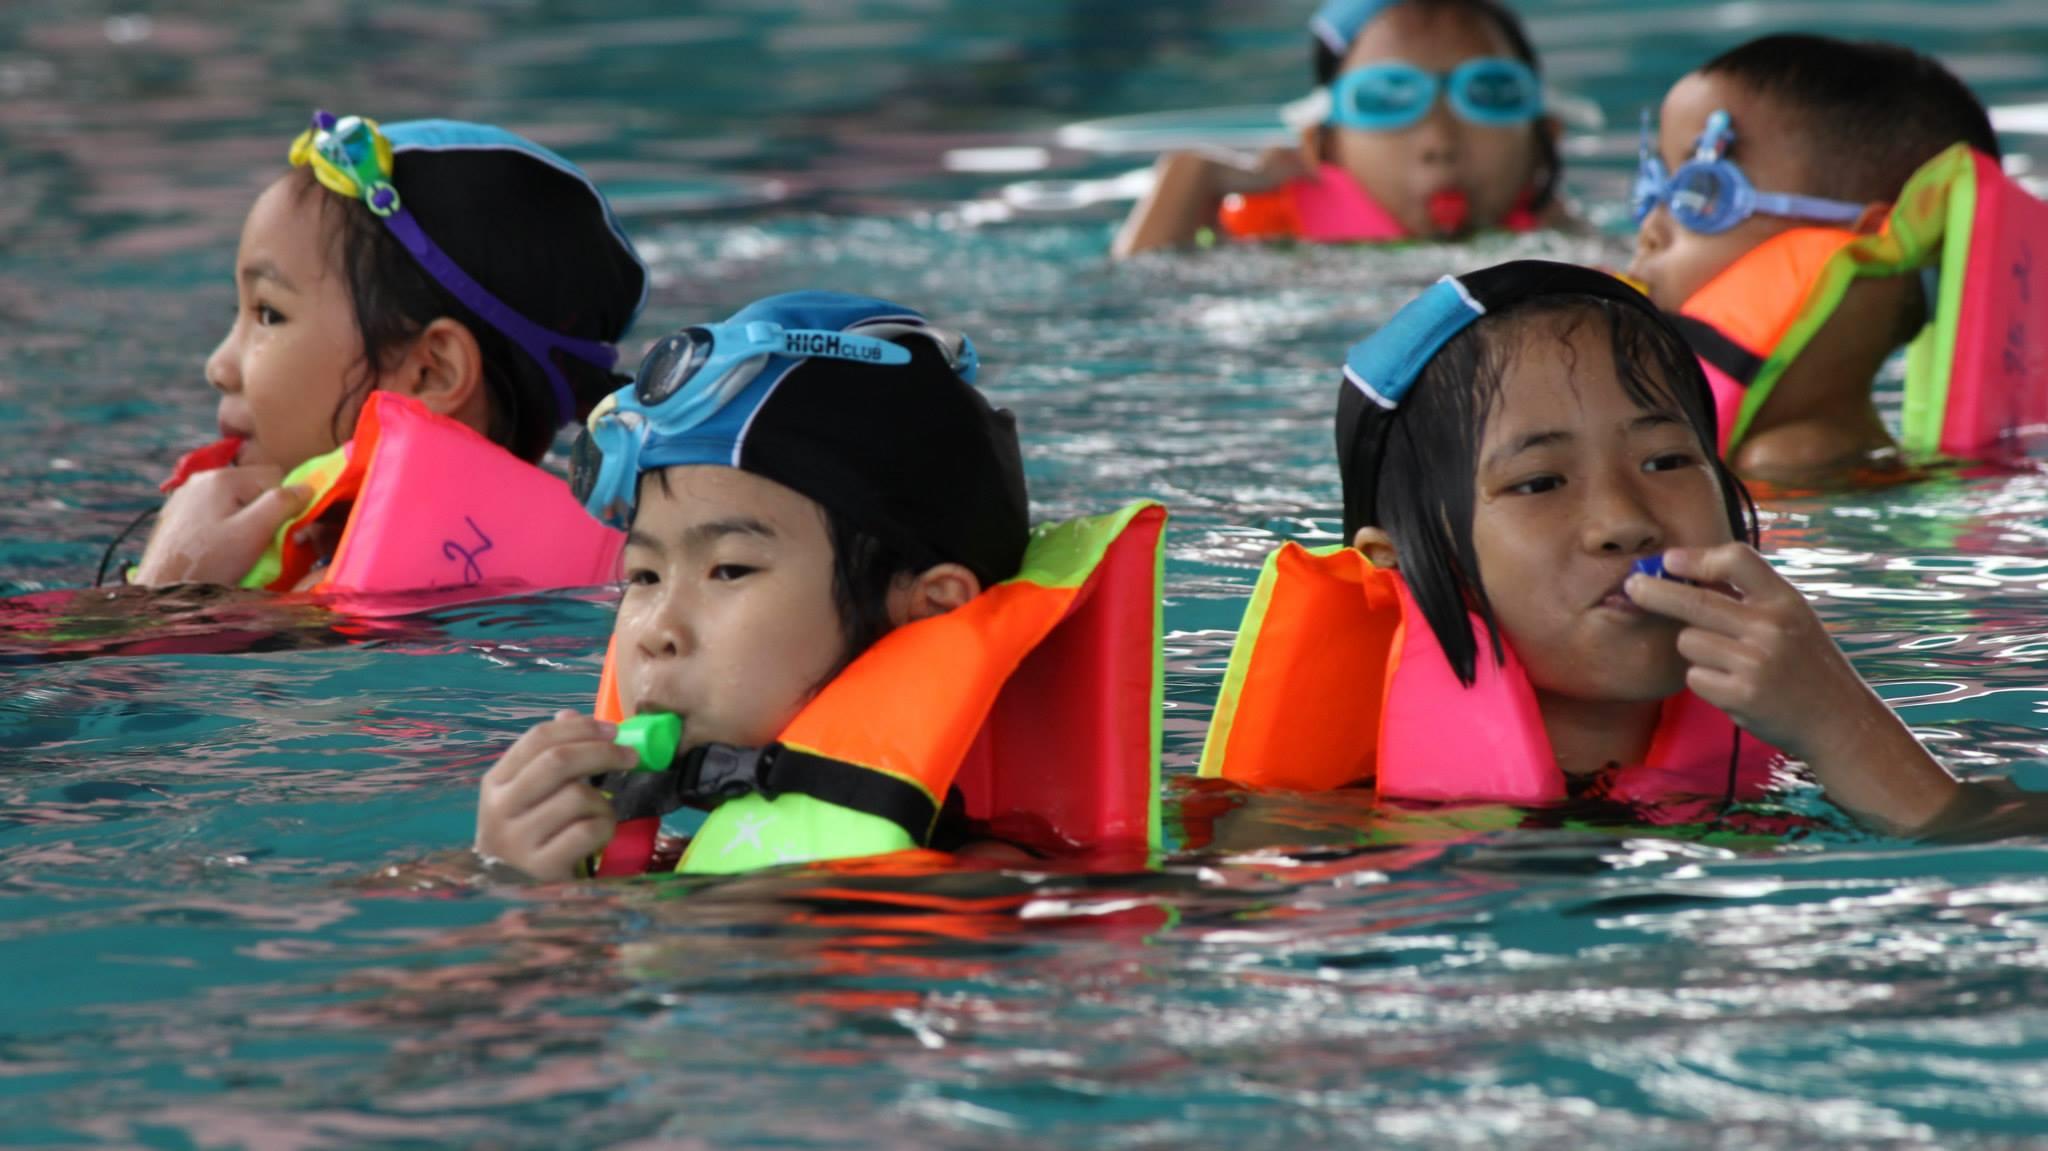 ความปลอดภัยทางน้ำ สำหรับเด็ก